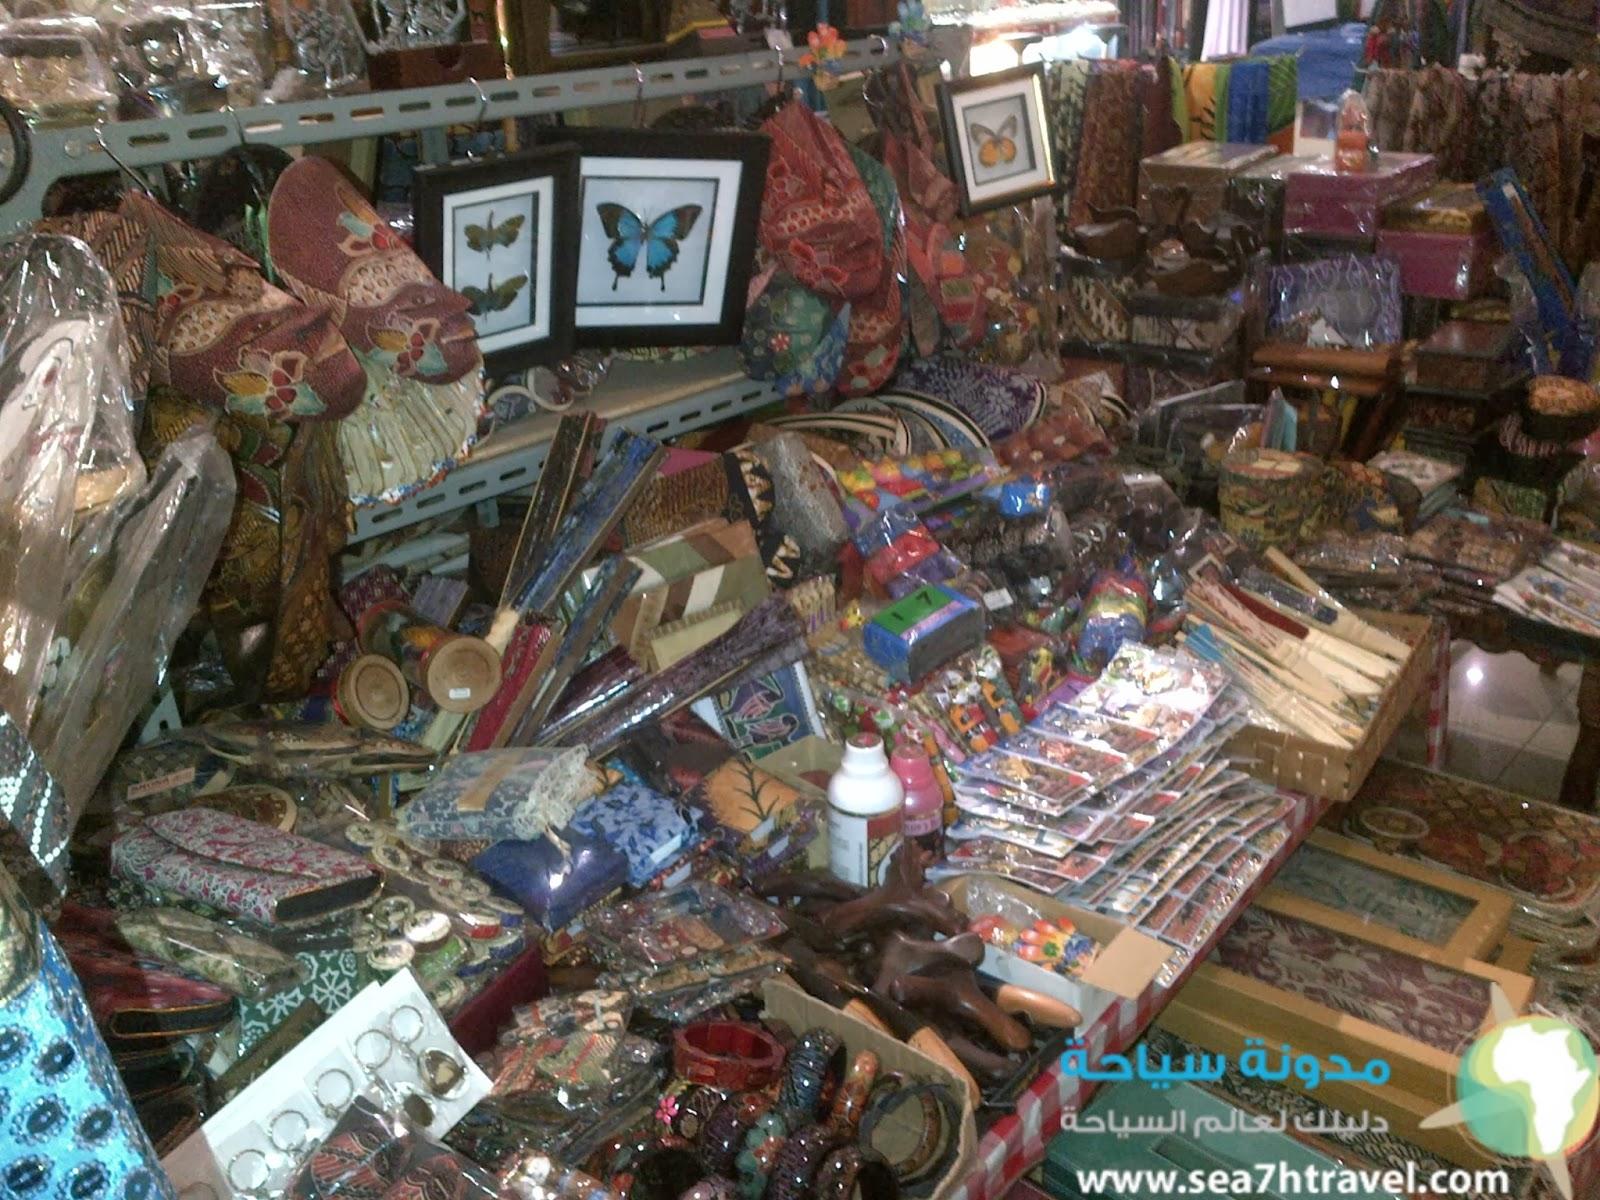 سوق الملابس في جاكرتا